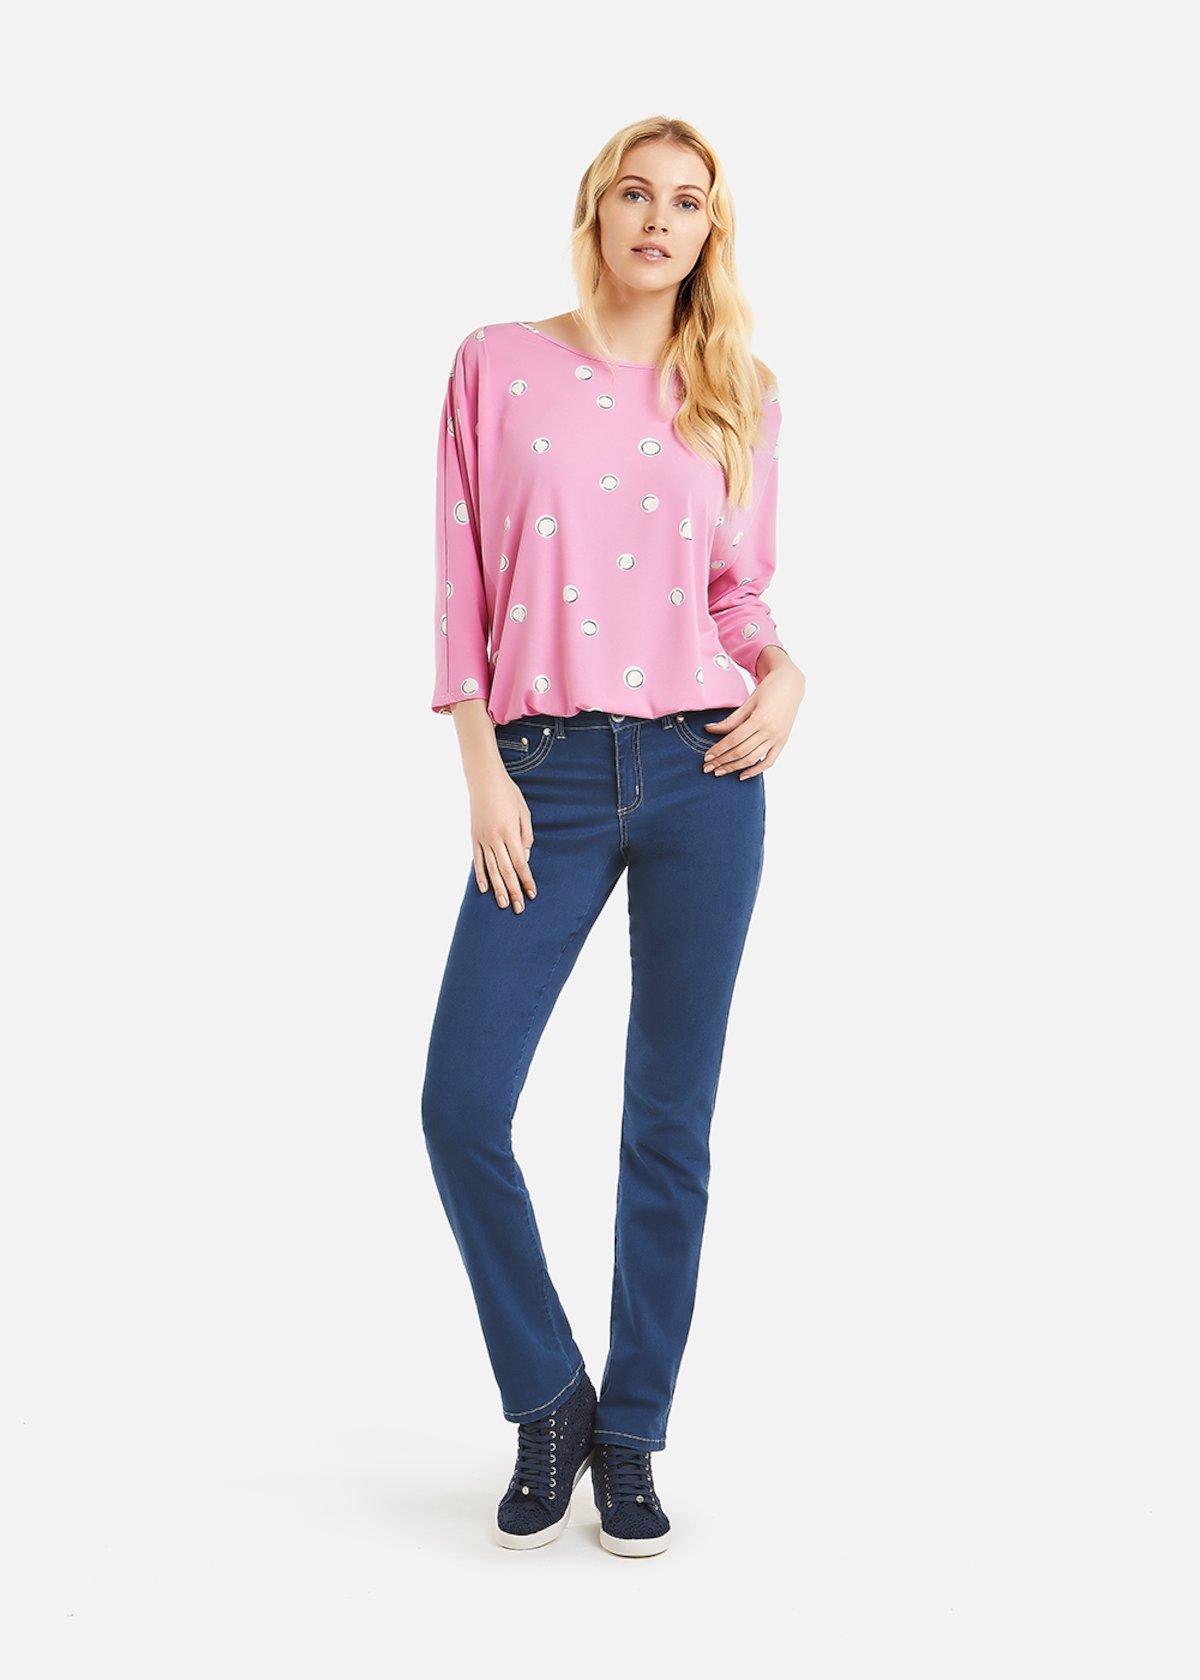 Sabrina T-shirt polka dots pattern - Cameo / White Pois